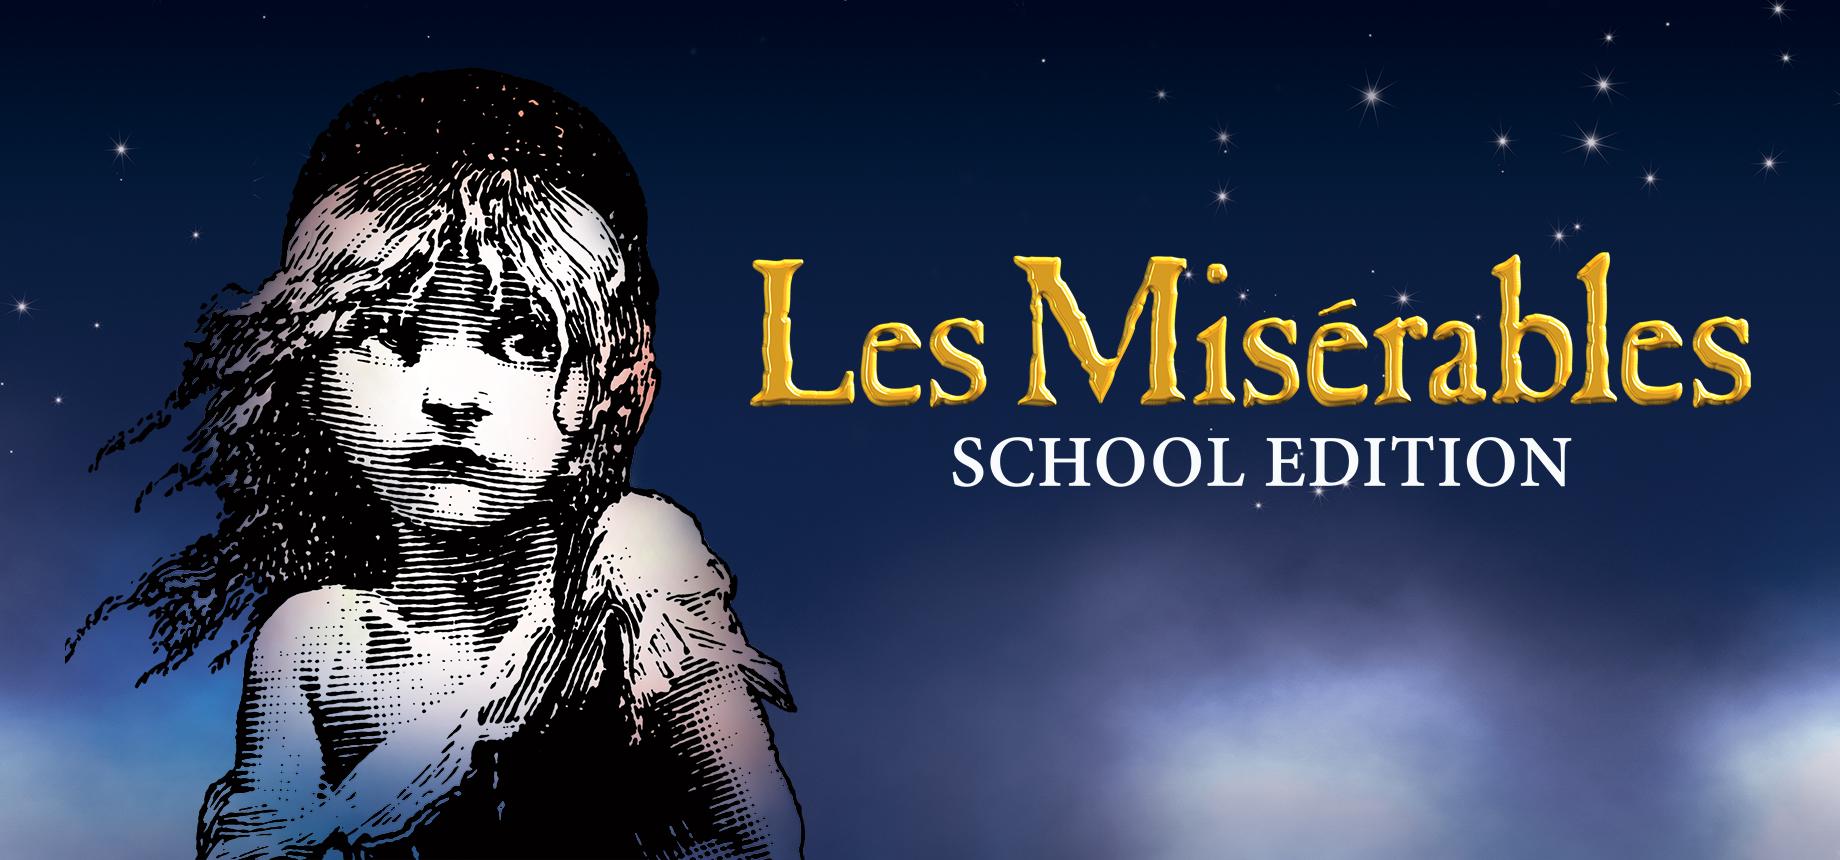 Les Misérables School Edition | MTI Europe